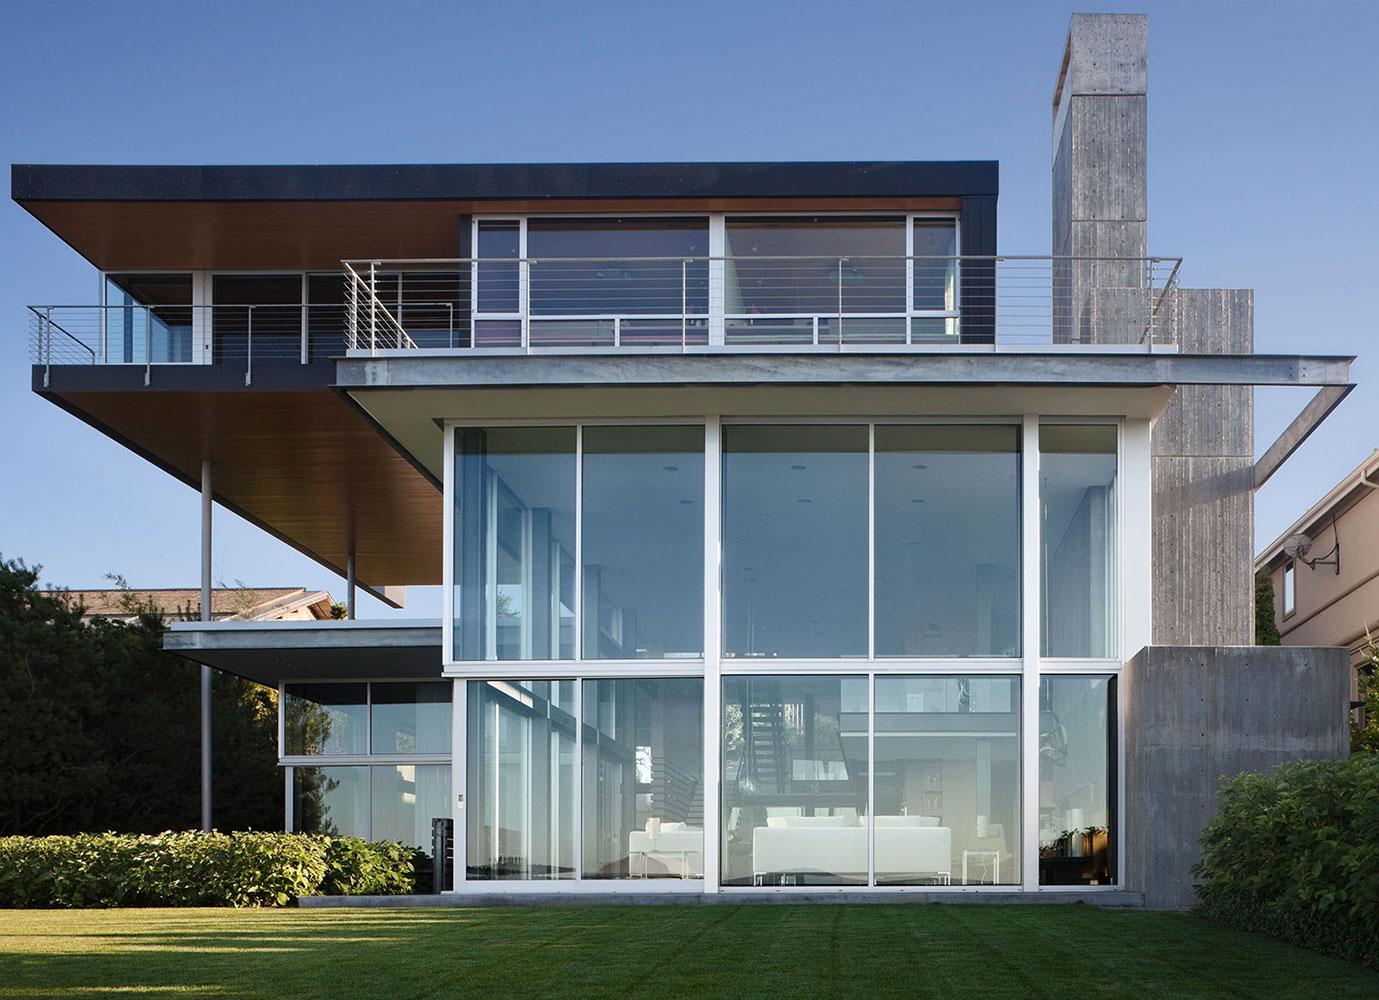 Houses graham residence by e cobb architects washington usa